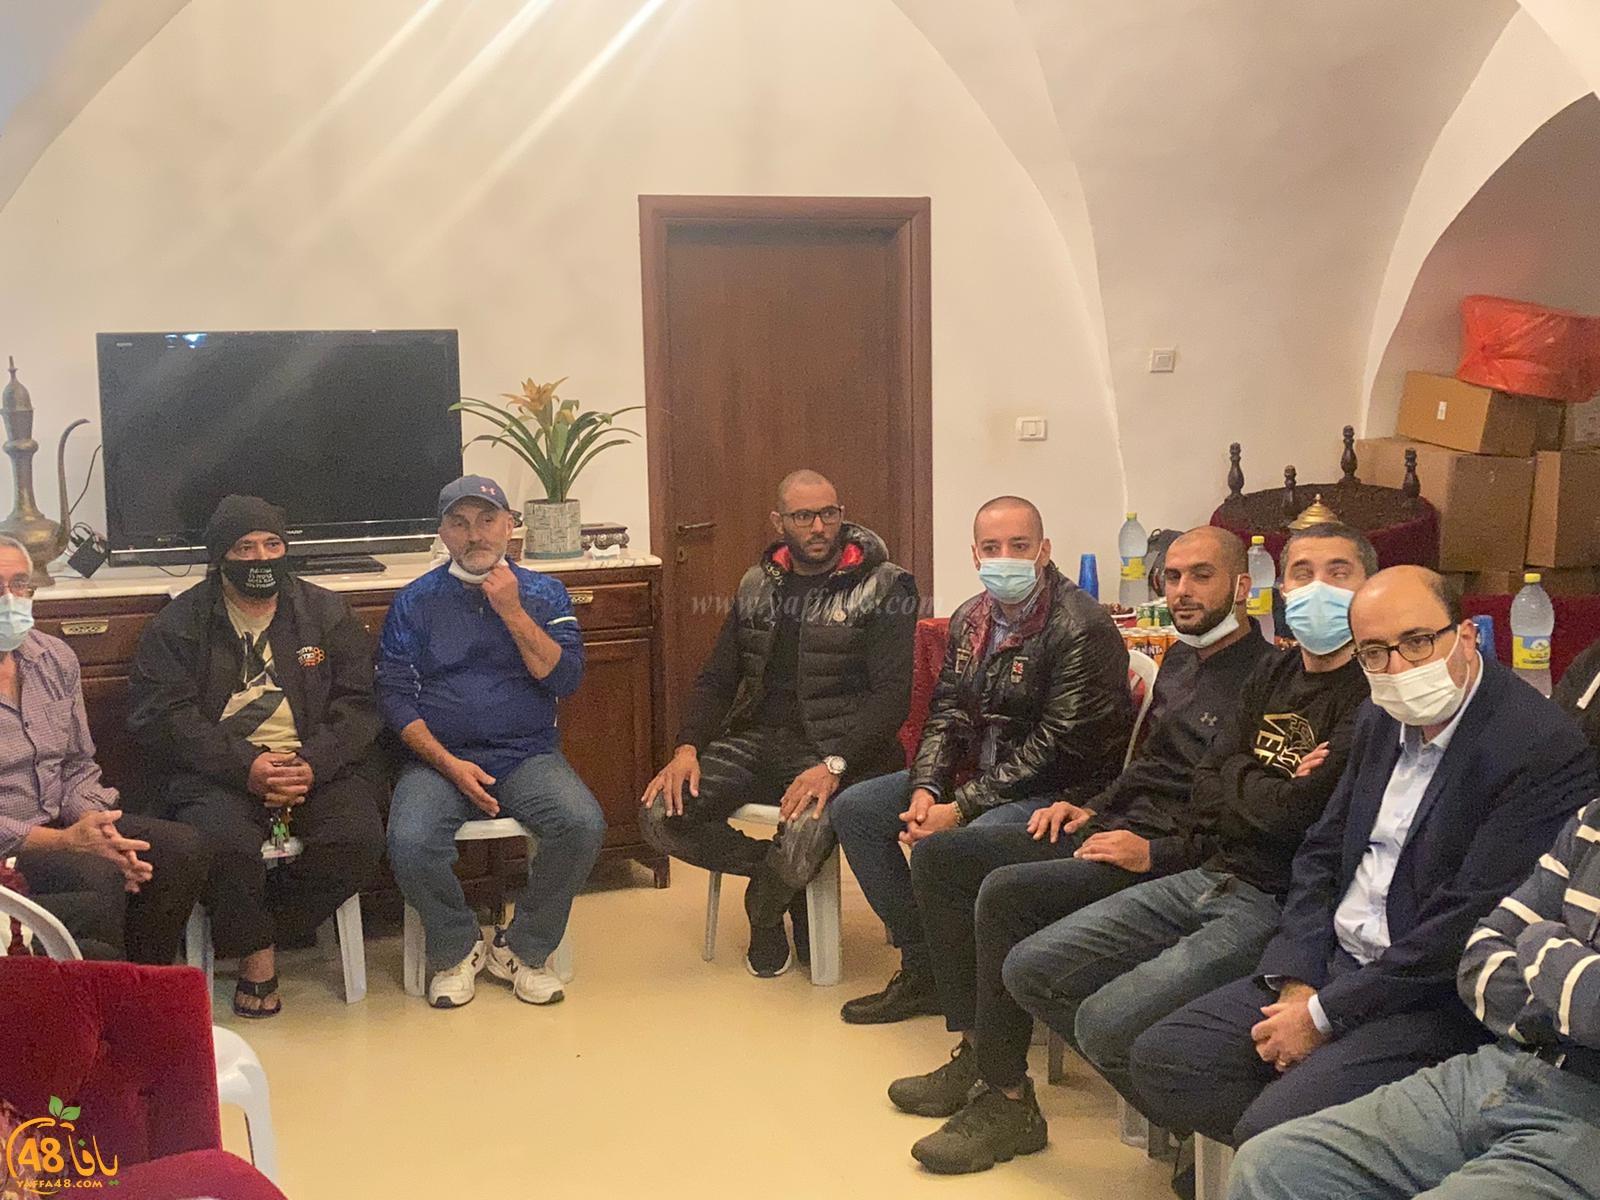 فيديو: بمشاركة واسعة - اجتماع هام لبحث محاولة تهجير أهالي مدينة يافا